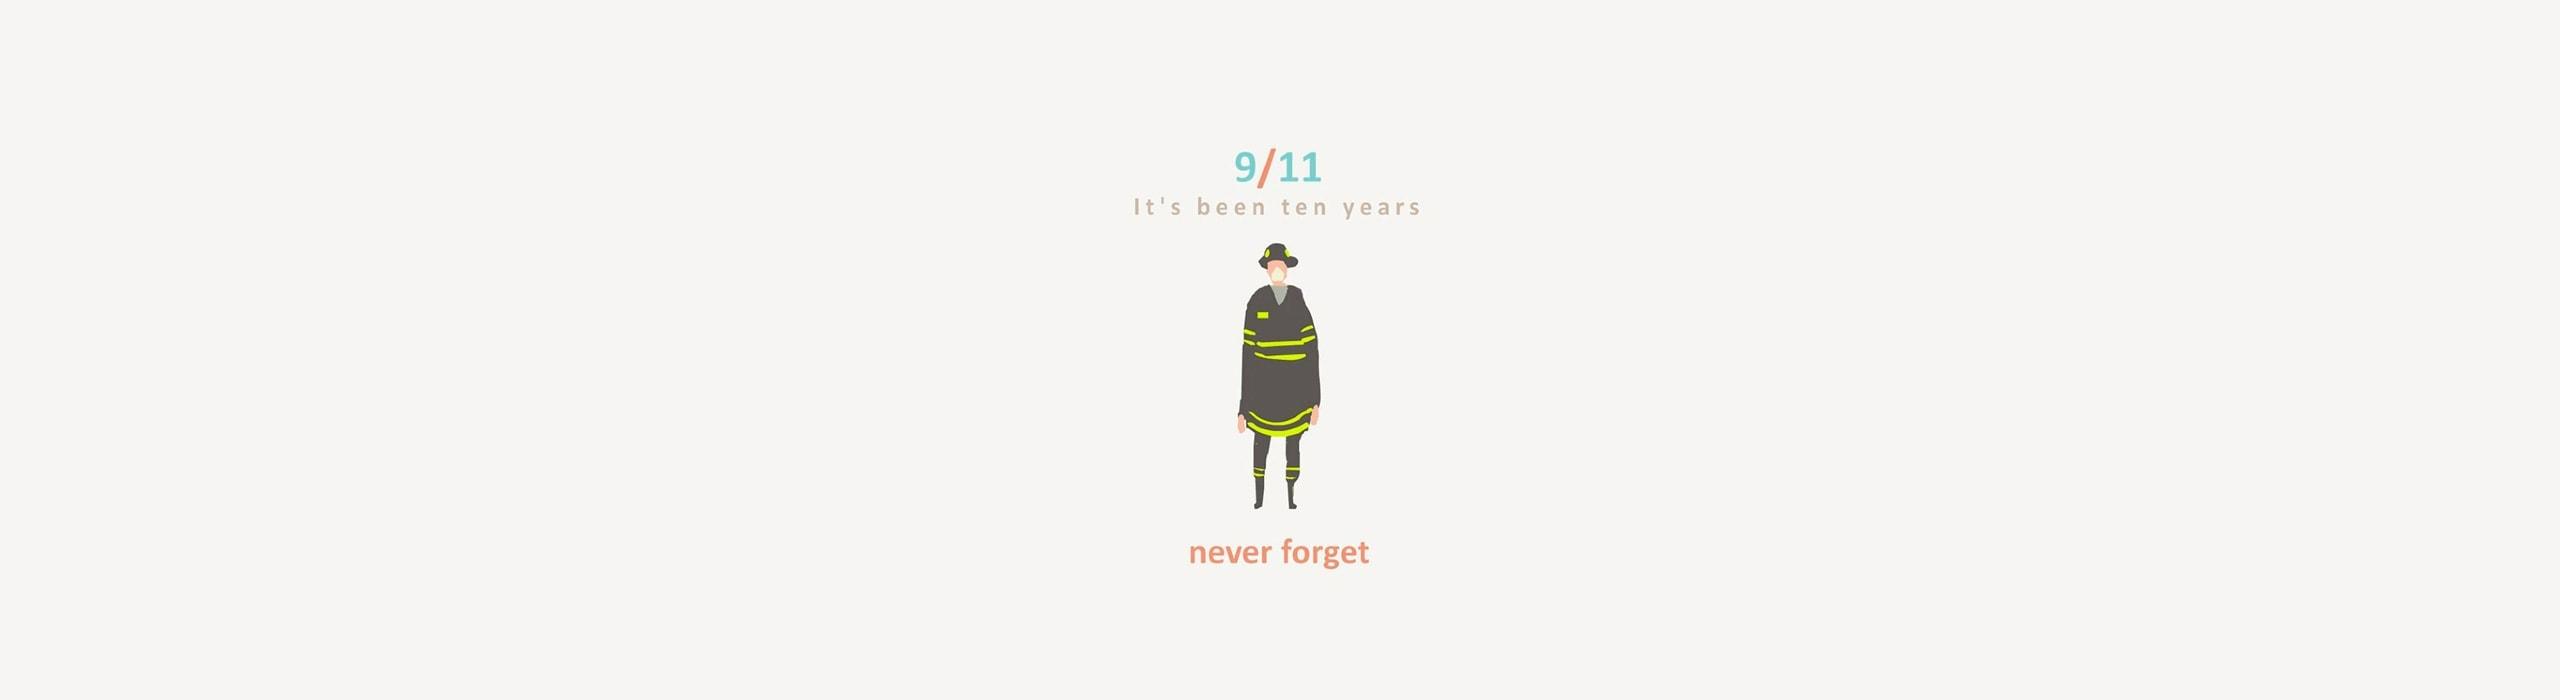 9/11 - natie-9-11-memorial-illustration - Natie Branding Agency